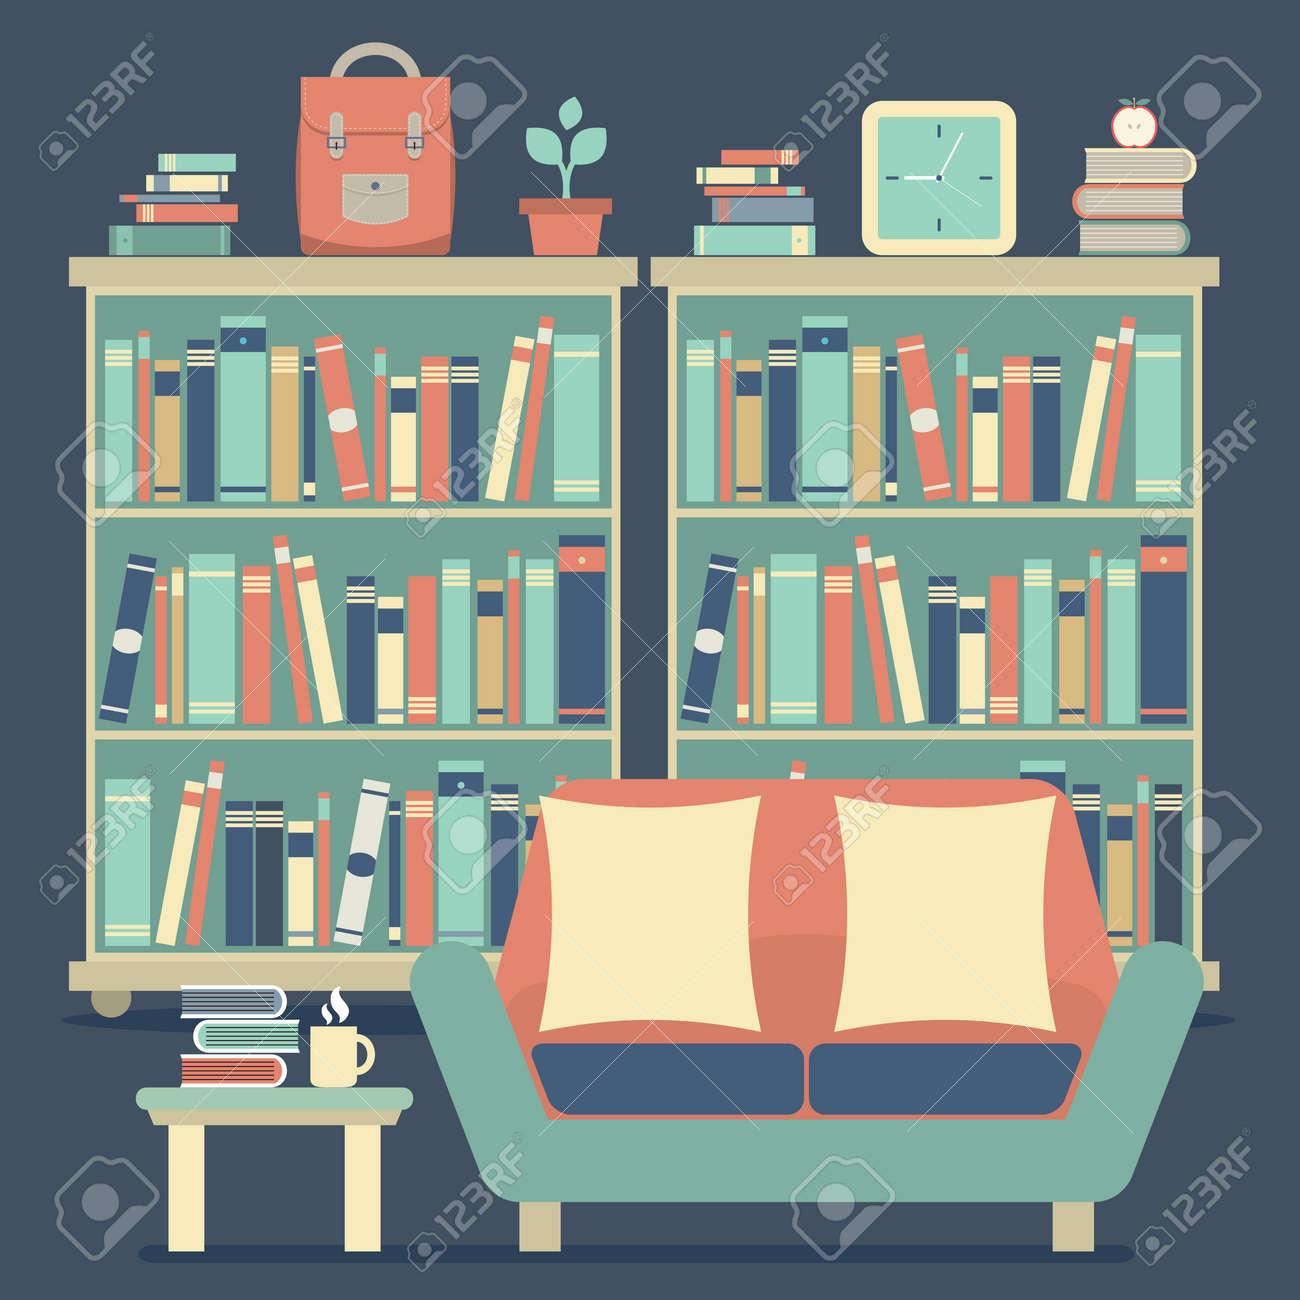 Modernes Design-Innenraum Stühle Und Bücherregal Lizenzfrei Nutzbare ...